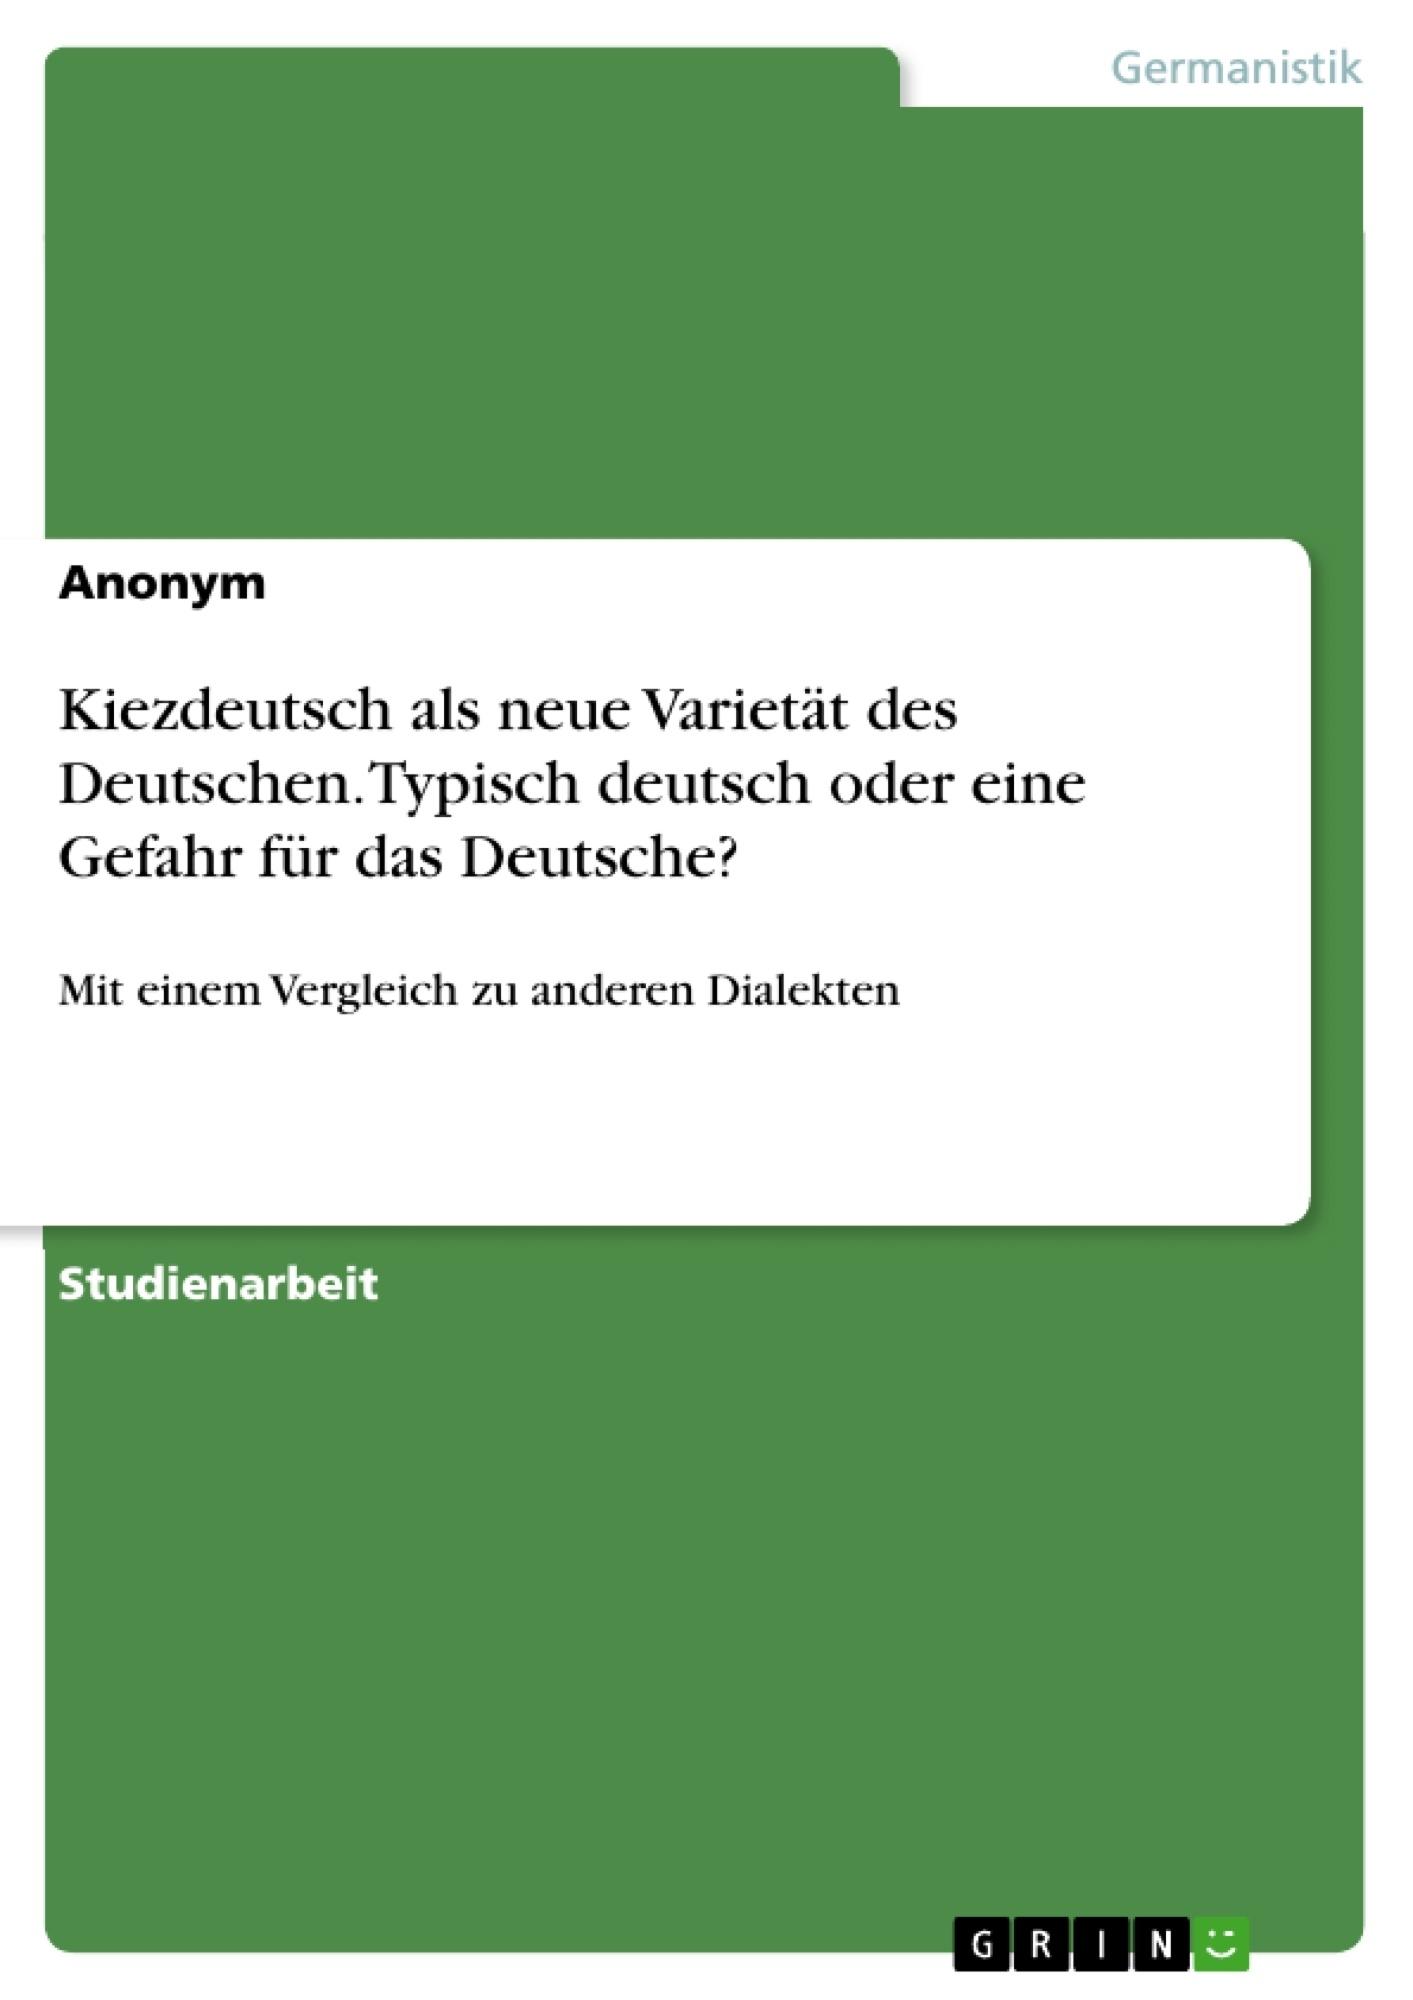 Titel: Kiezdeutsch als neue Varietät des Deutschen. Typisch deutsch oder eine Gefahr  für das Deutsche?